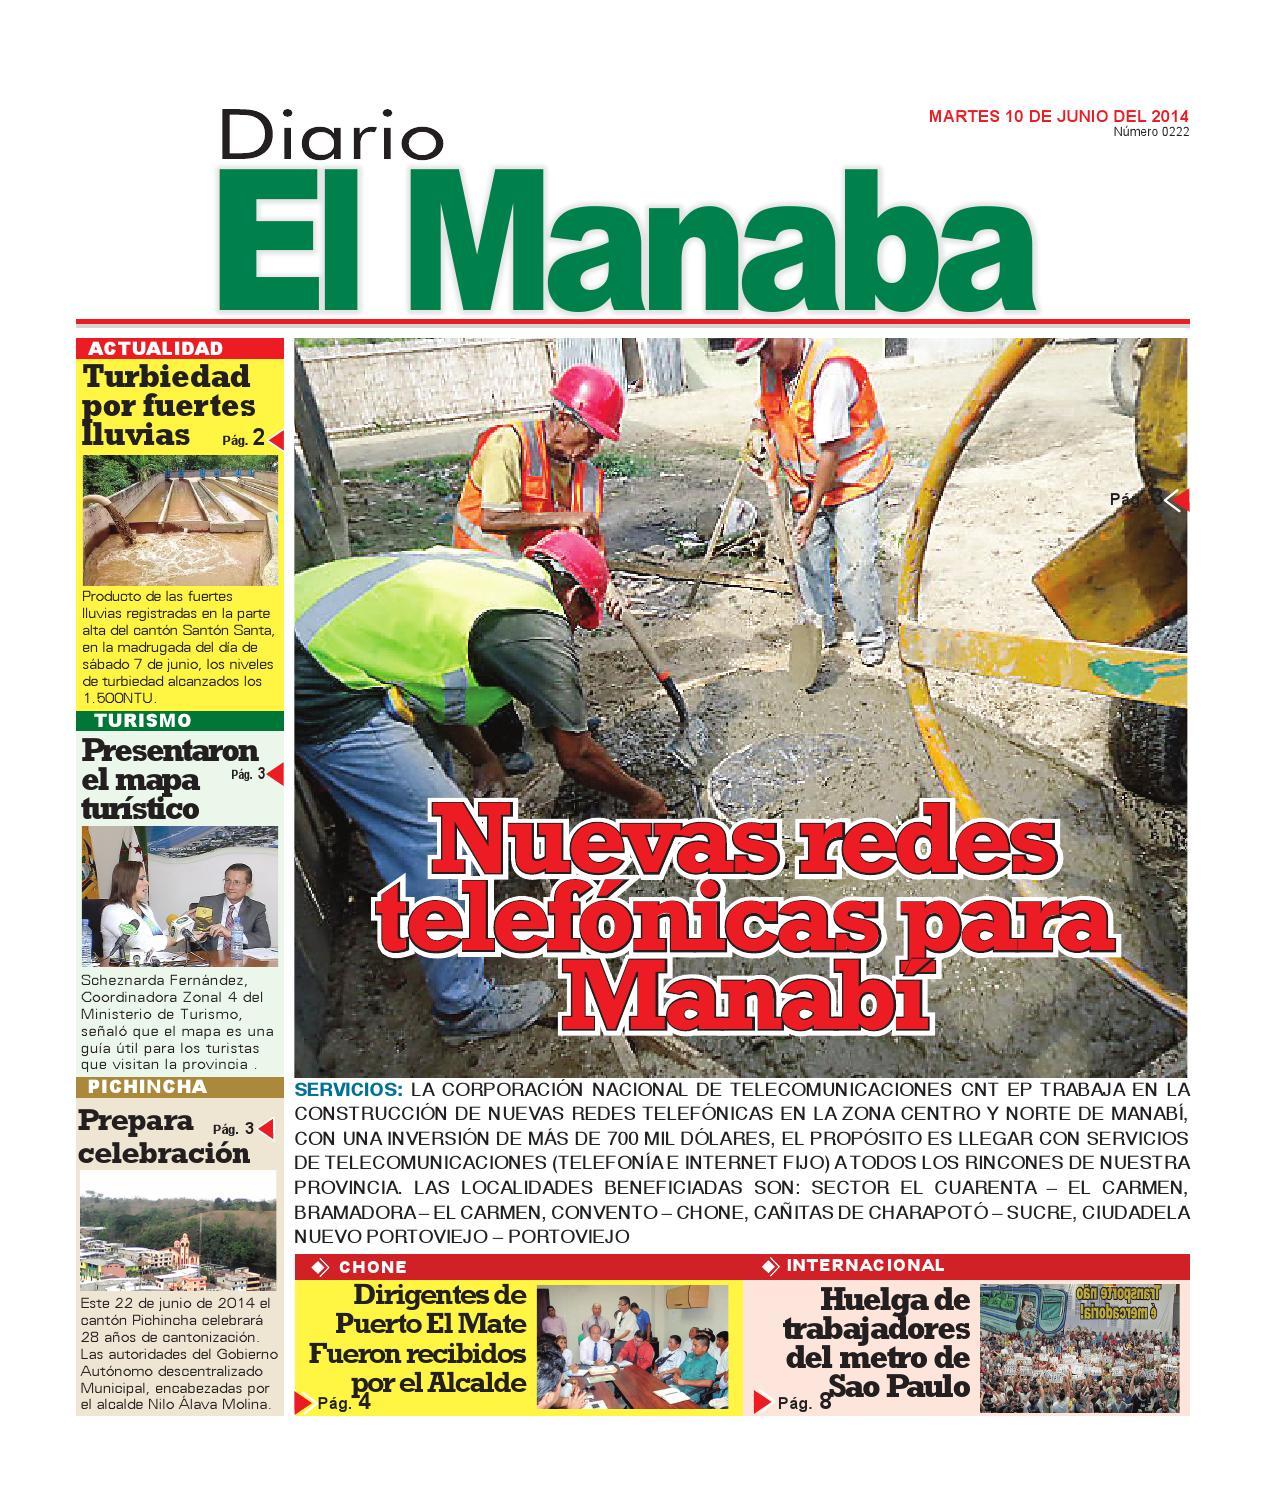 El manaba martes 10 de junio 2014 by elmanaba - issuu